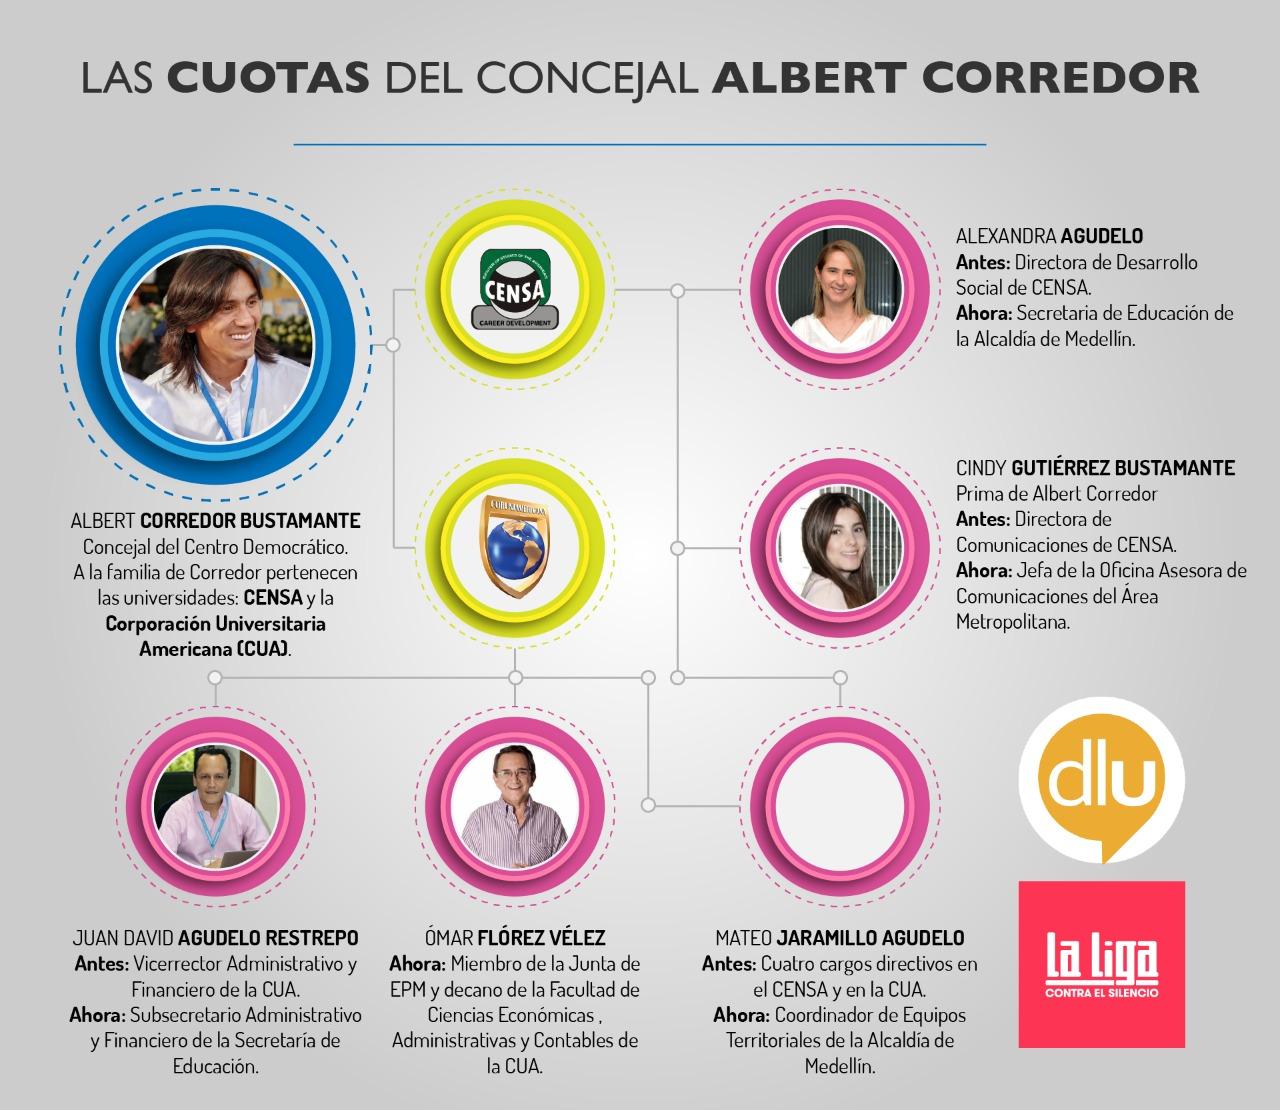 Infografía_Las cuotas del concejal Albert Corredor_0.